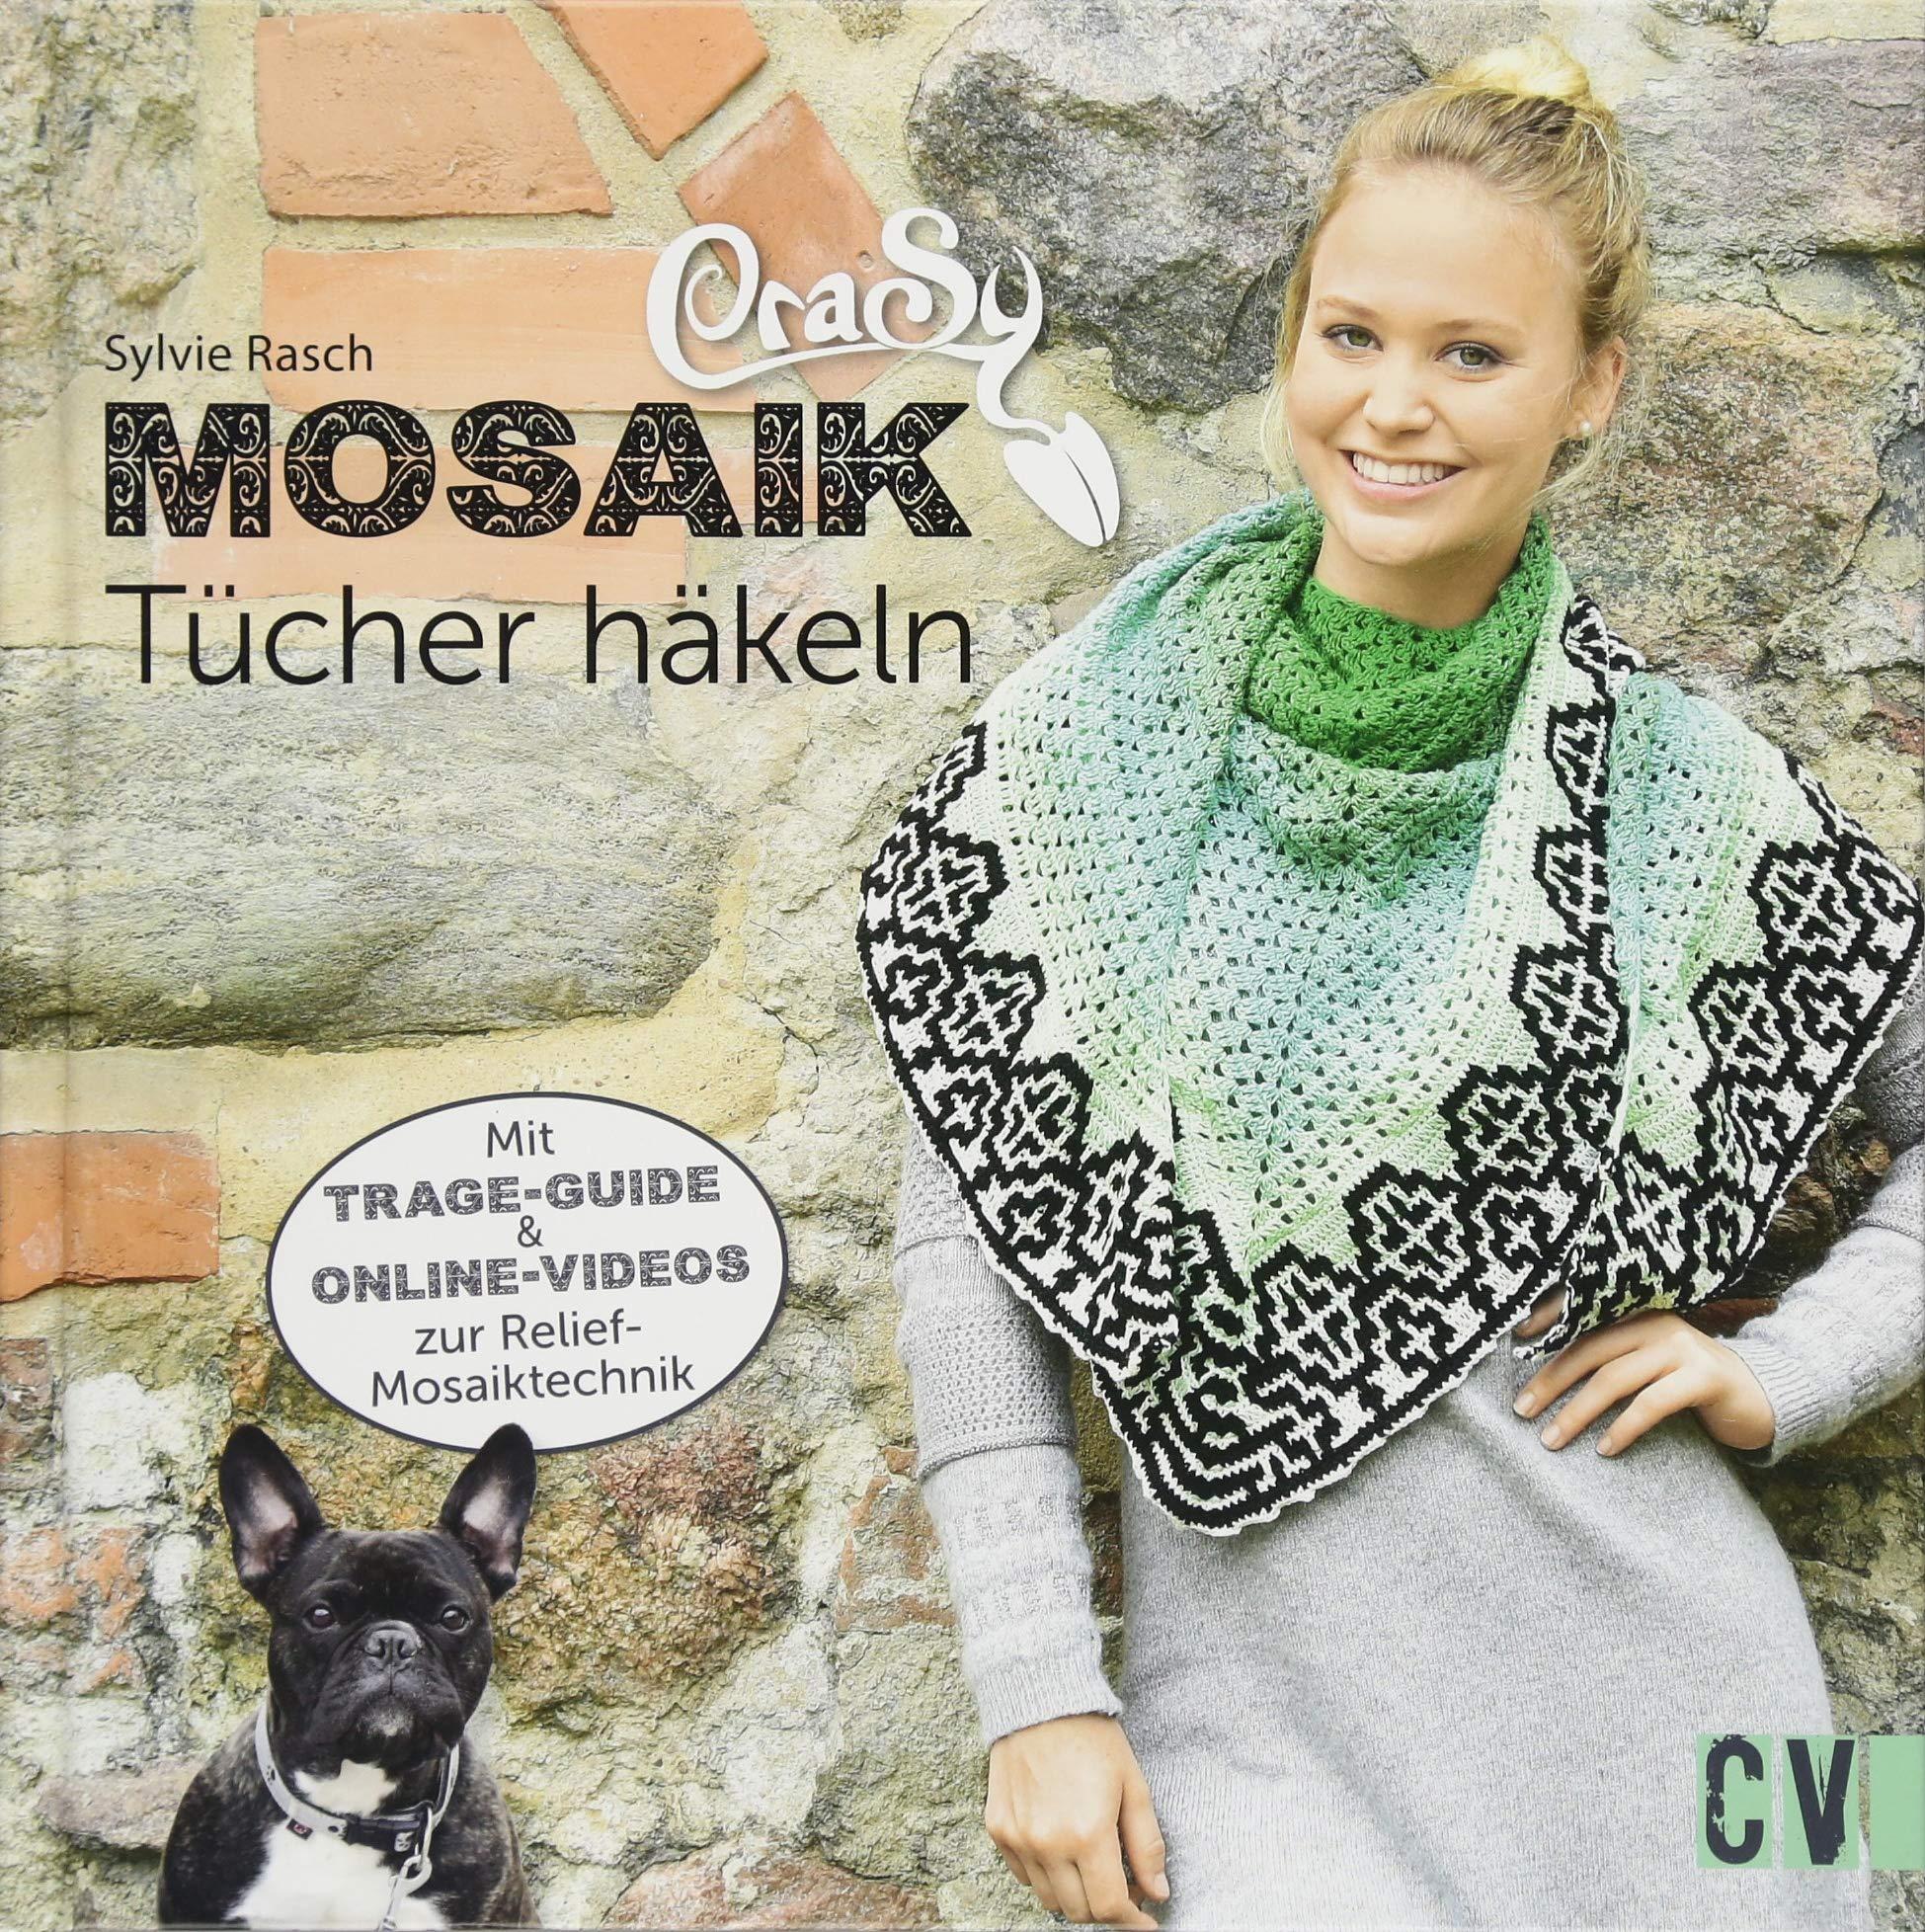 CraSy Mosaik - Tücher häkeln: Mit Trage-Guide und Online-Videos zur ...